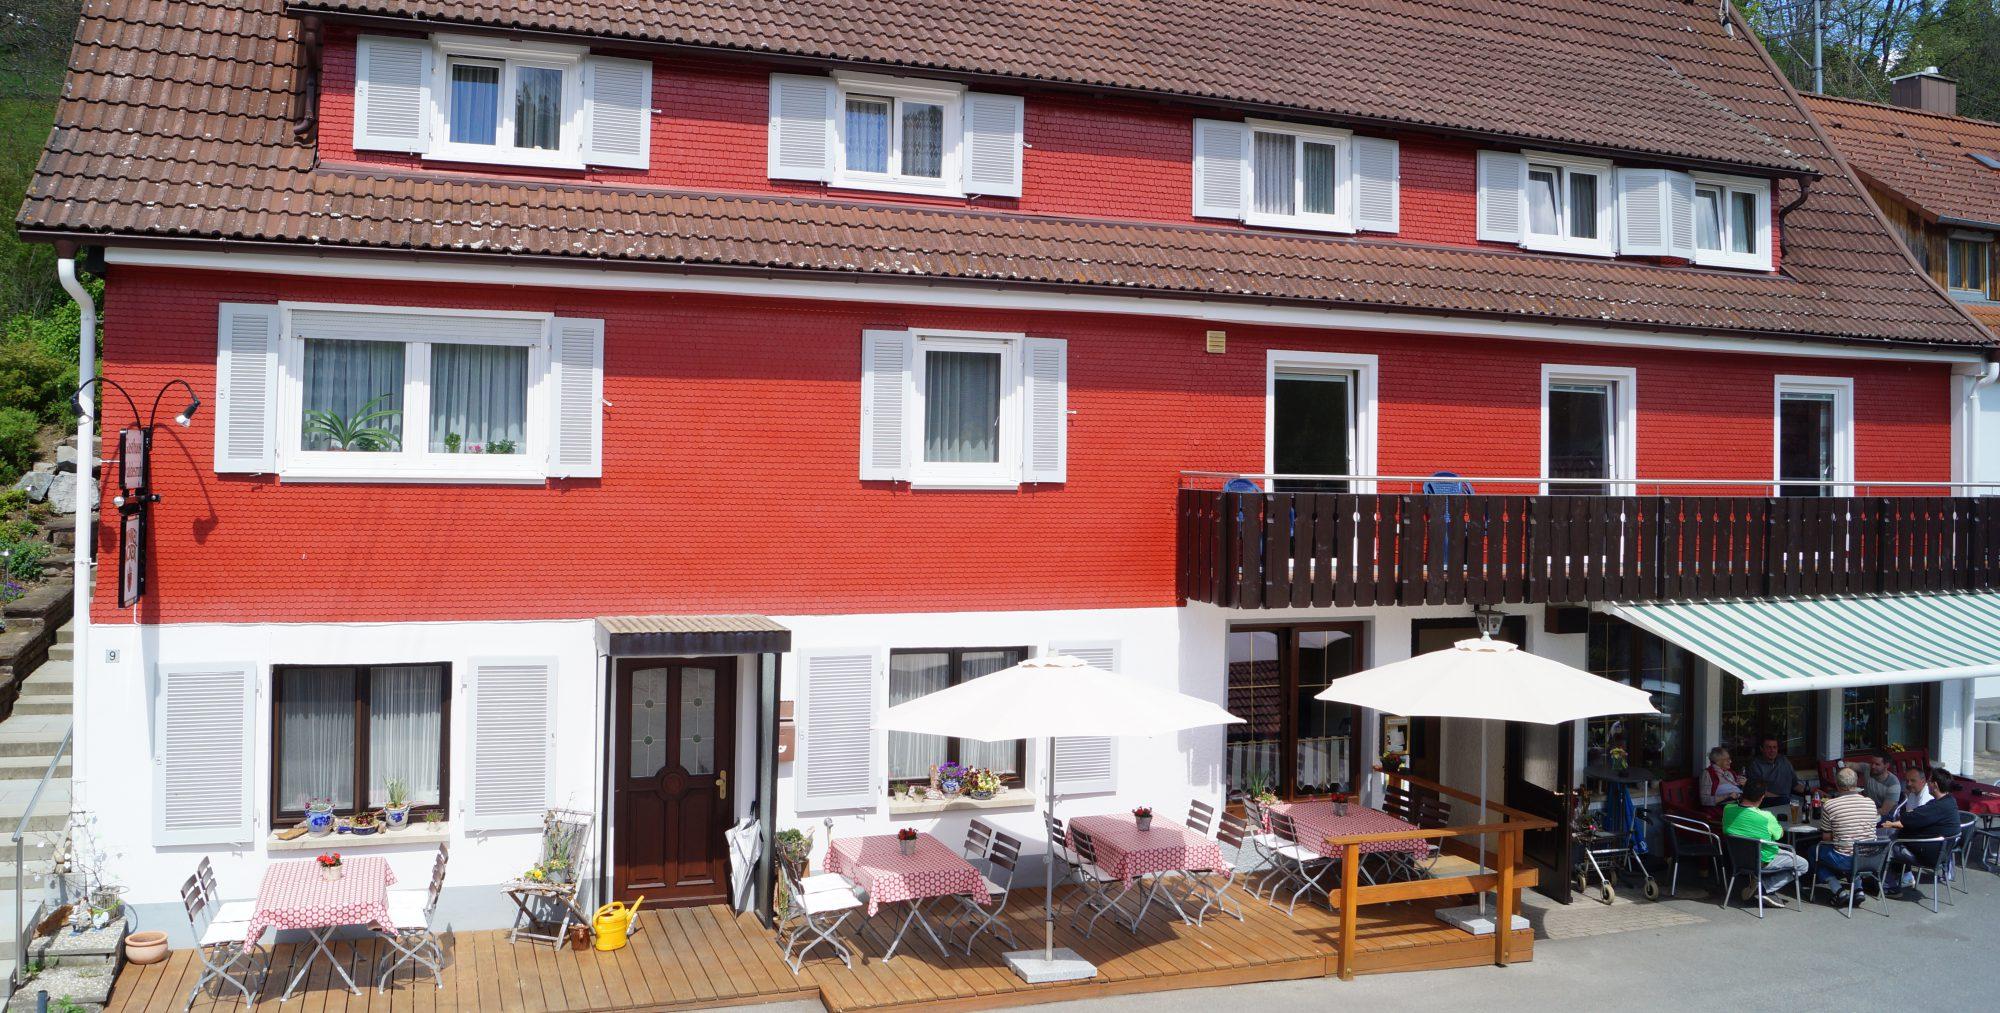 Gasthaus Waldesruh